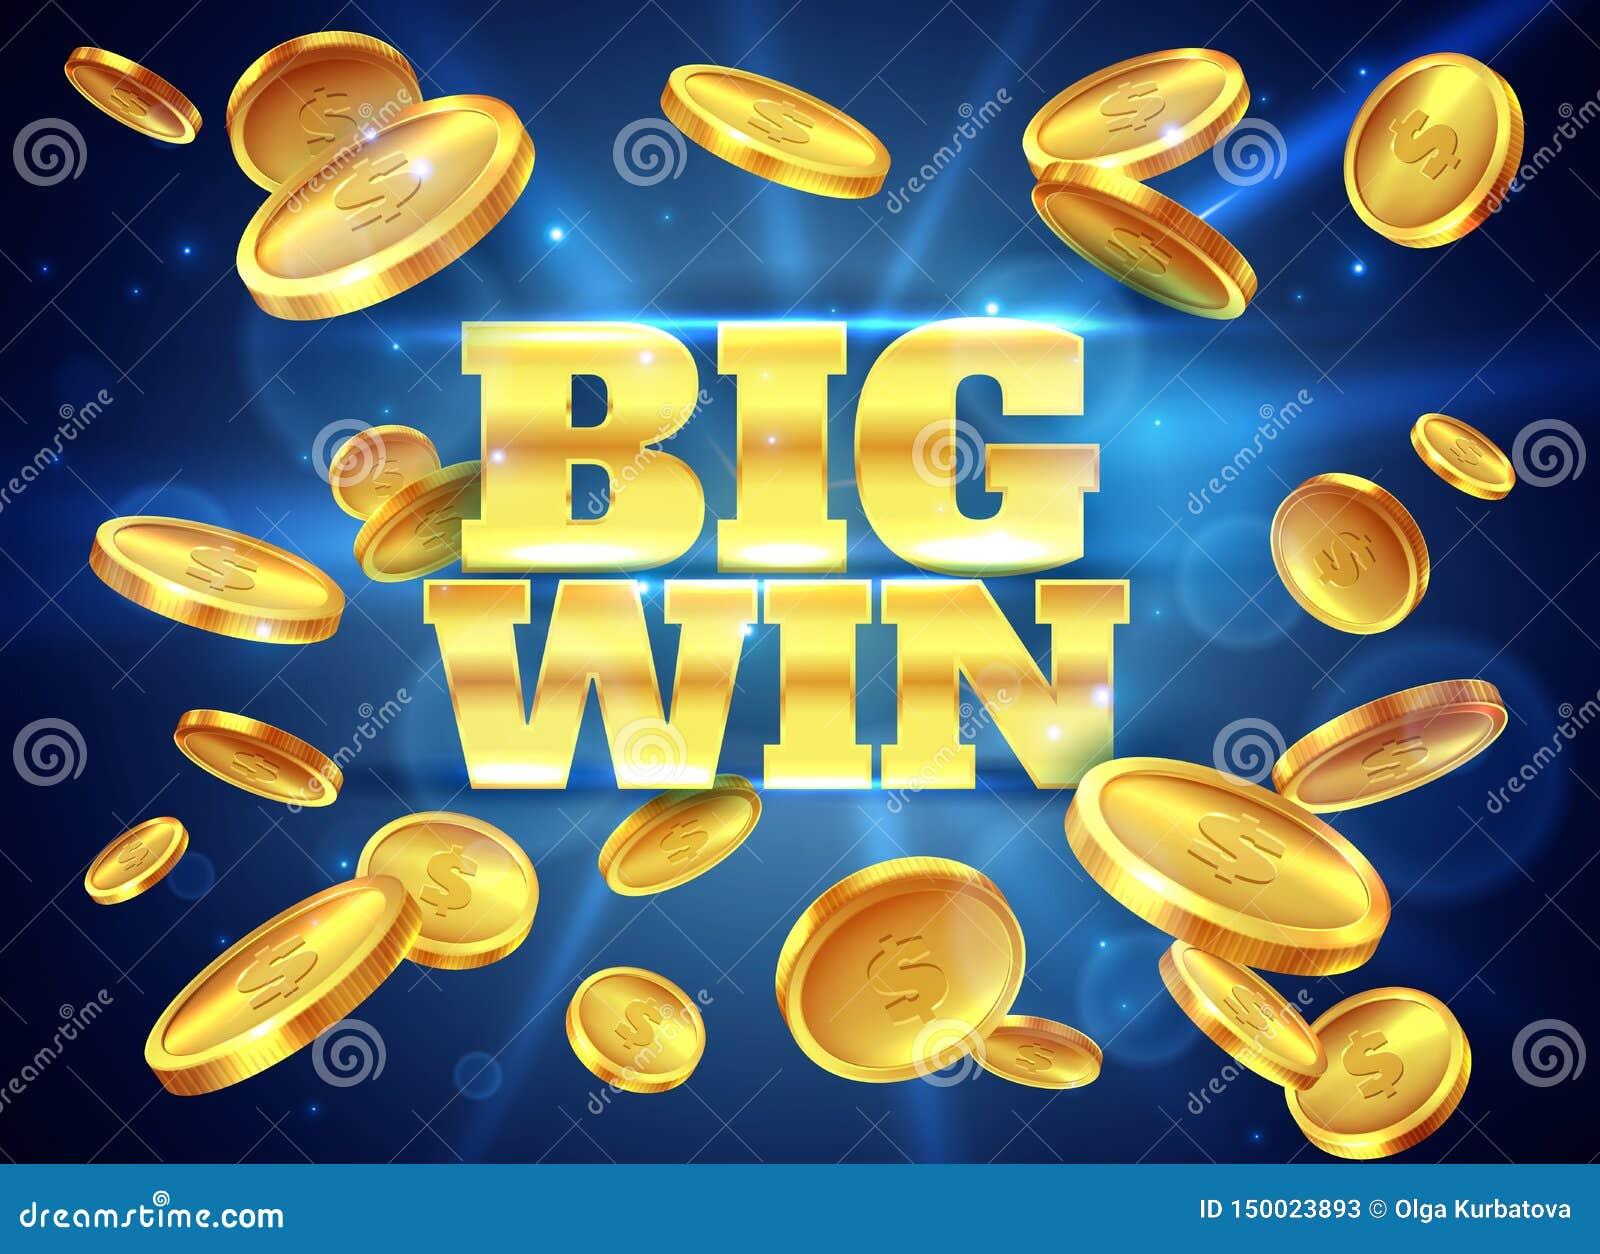 大胜利 与金飞行的硬币的得奖的标签,赢得的比赛 赌博娱乐场现金金钱困境赌博的传染媒介摘要背景